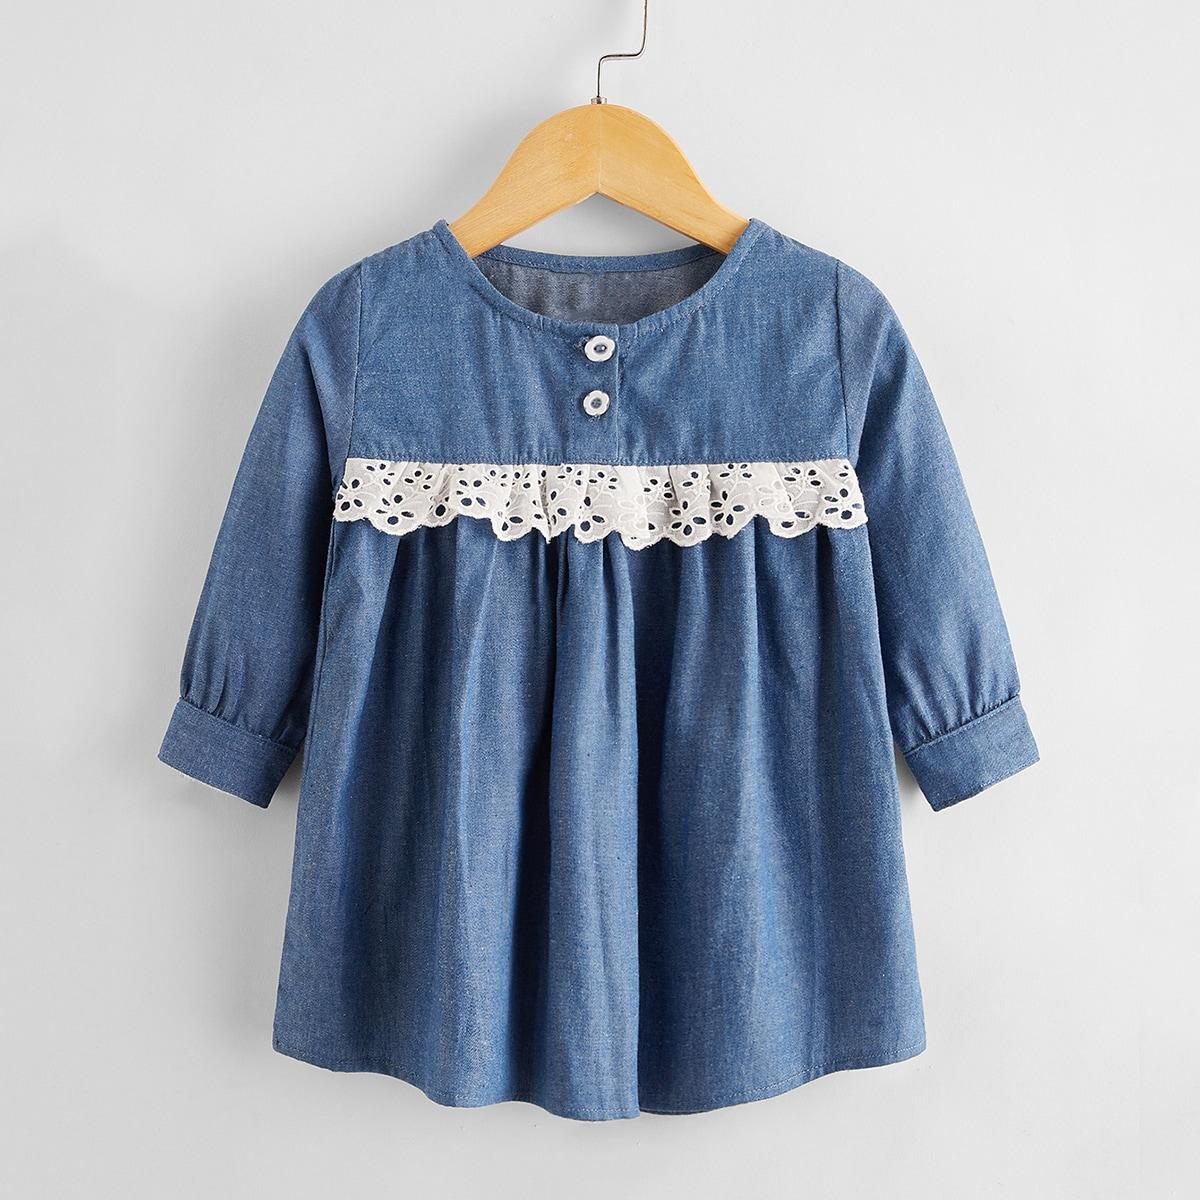 Джинсовое платье с ажурной вышивкой для девочек от SHEIN